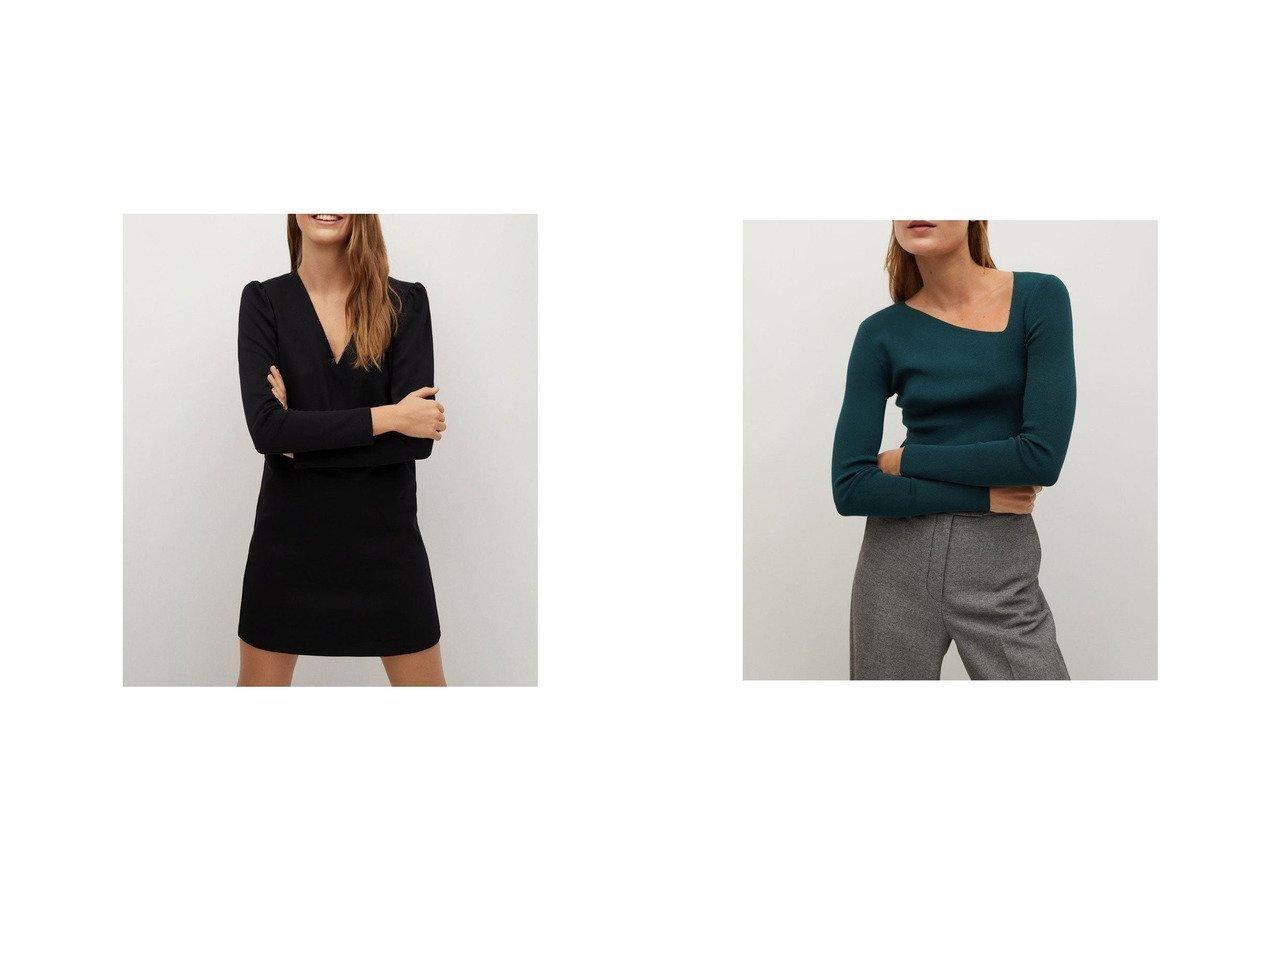 【MANGO/マンゴ】のミニワンピース .-- CAROLINA&セーター .-- TRIANGLE MANGOのおすすめ!人気、トレンド・レディースファッションの通販  おすすめで人気の流行・トレンド、ファッションの通販商品 メンズファッション・キッズファッション・インテリア・家具・レディースファッション・服の通販 founy(ファニー) https://founy.com/ ファッション Fashion レディースファッション WOMEN ワンピース Dress 2021年 2021 2021 春夏 S/S SS Spring/Summer 2021 S/S 春夏 SS Spring/Summer エアリー ストレート 春 Spring 長袖 |ID:crp329100000017716